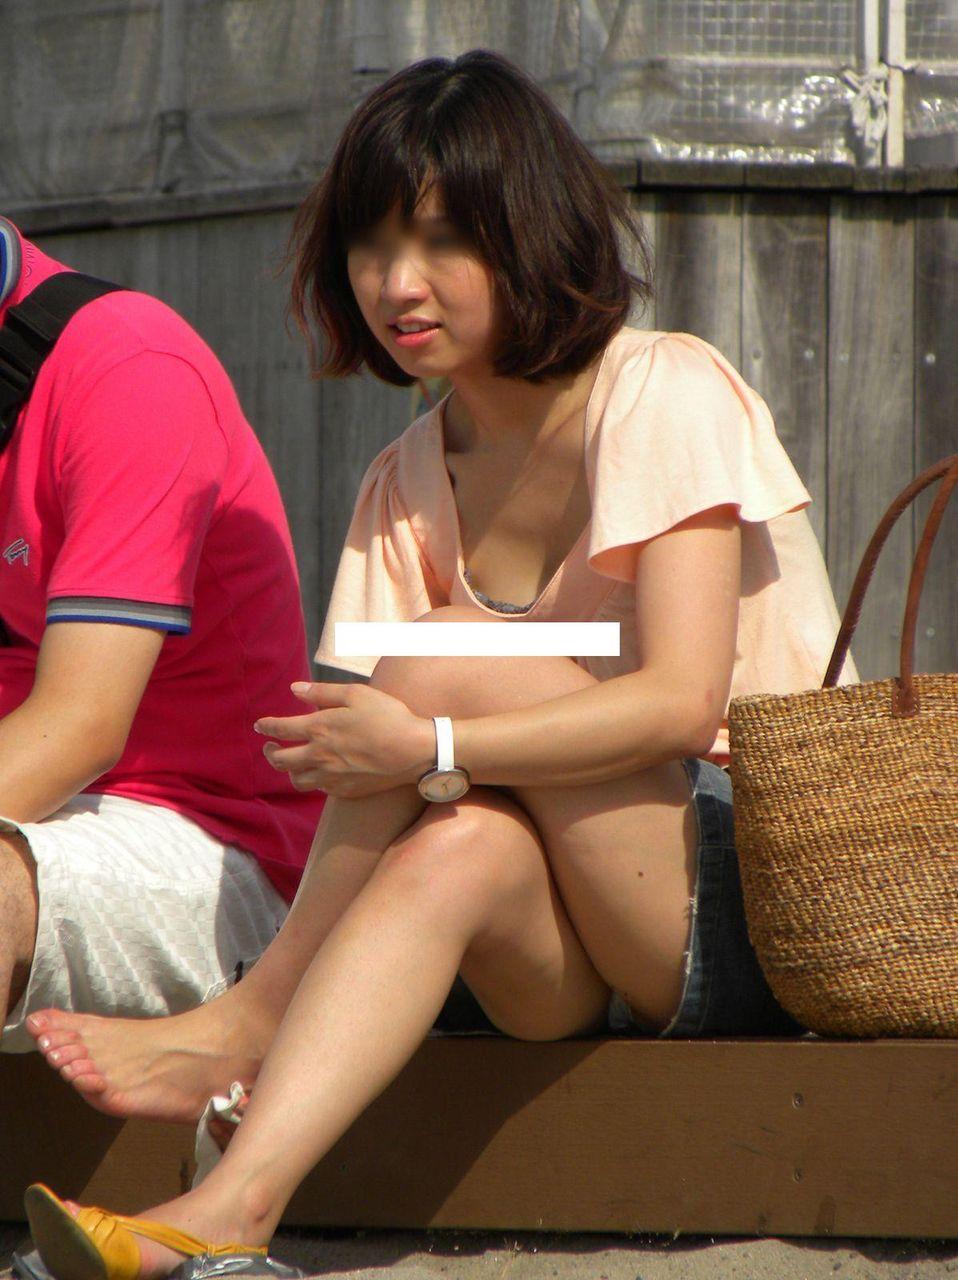 【パンチラエロ画像】ミニスカなのに性懲りも無くしゃがみ込む女が多いからどこ見ていいか判断に迷うwww 09